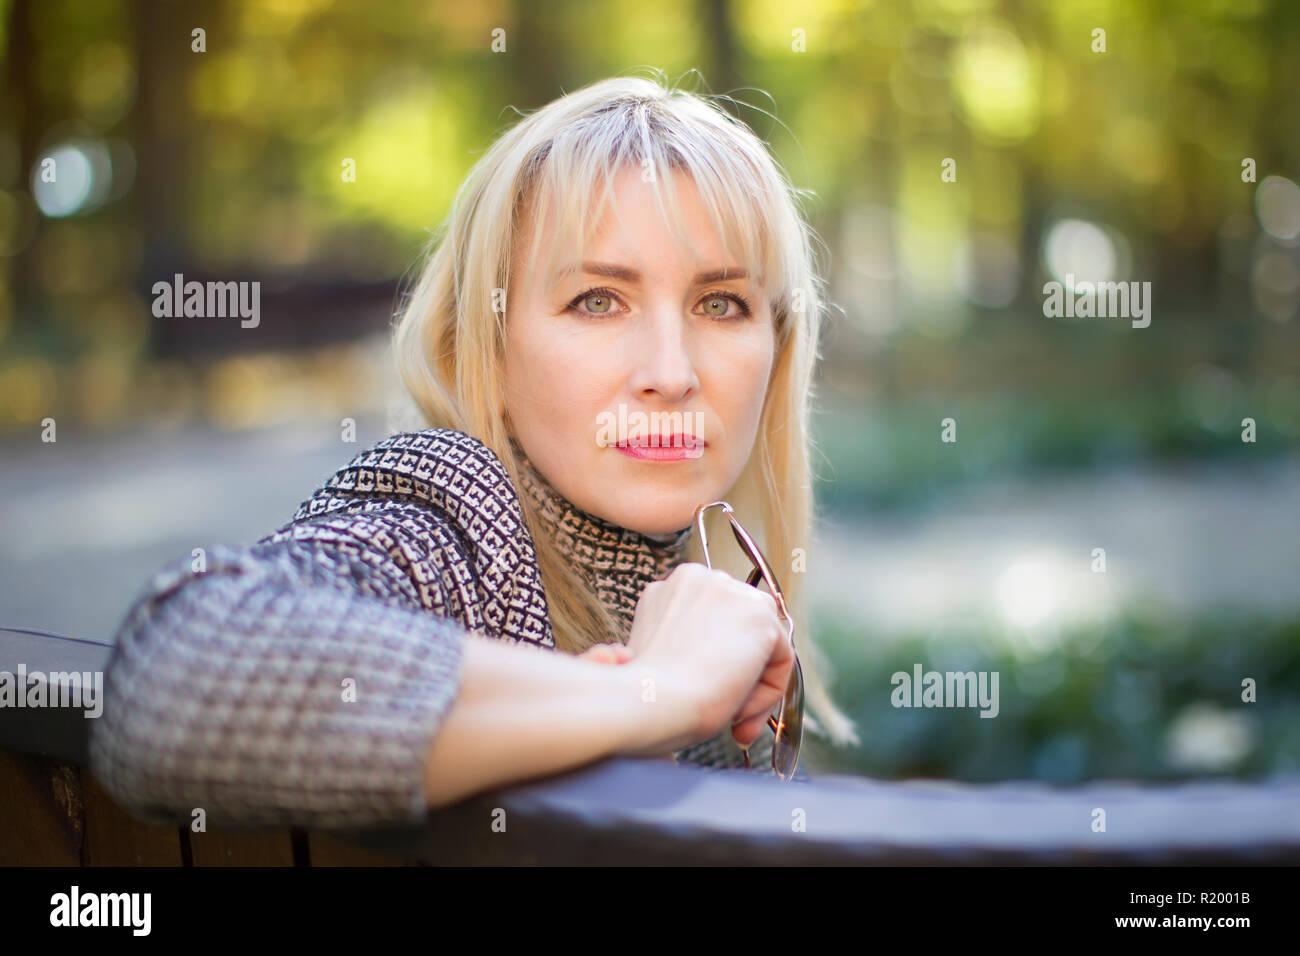 Quaranta anni di vecchia donna nel parco sulla strada. Ritratto di mezza età uomo Immagini Stock